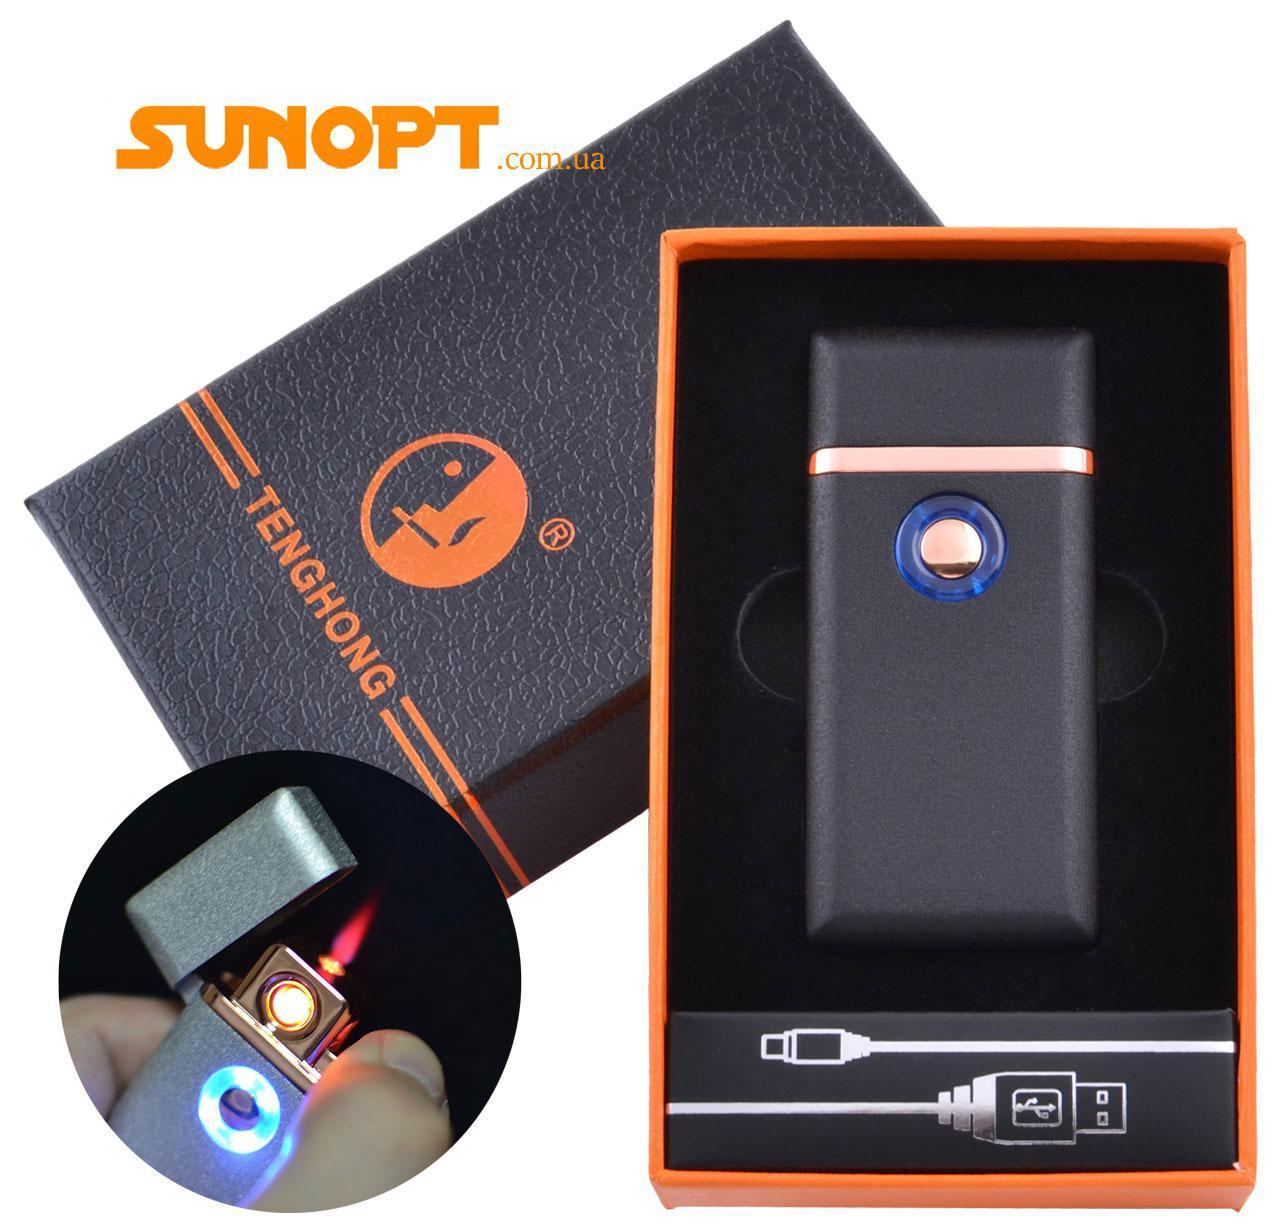 USB зажигалка в подарочной упаковке Tenghong (Спираль накаливания, Турбо пламя) №HL-22 Black